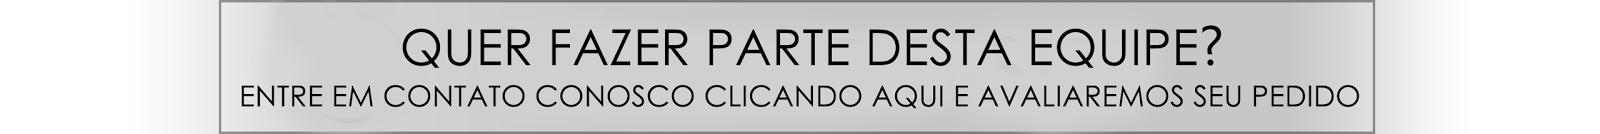 http://madridistasbrasil.blogspot.com.br/p/blog-page.html